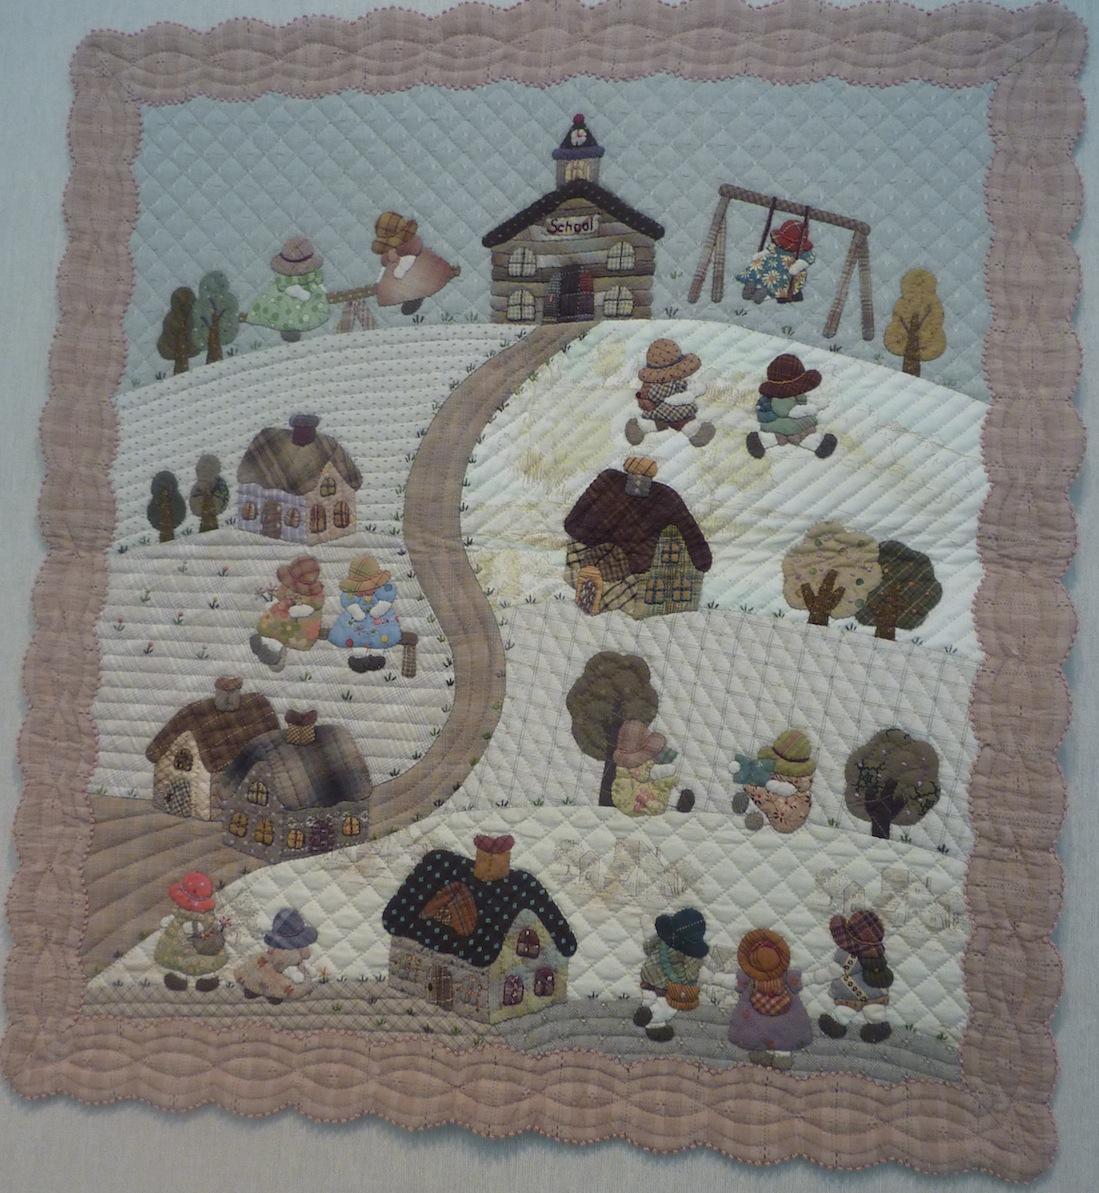 1000 images about reiko kato on pinterest sewing box - Reiko kato patchwork ...